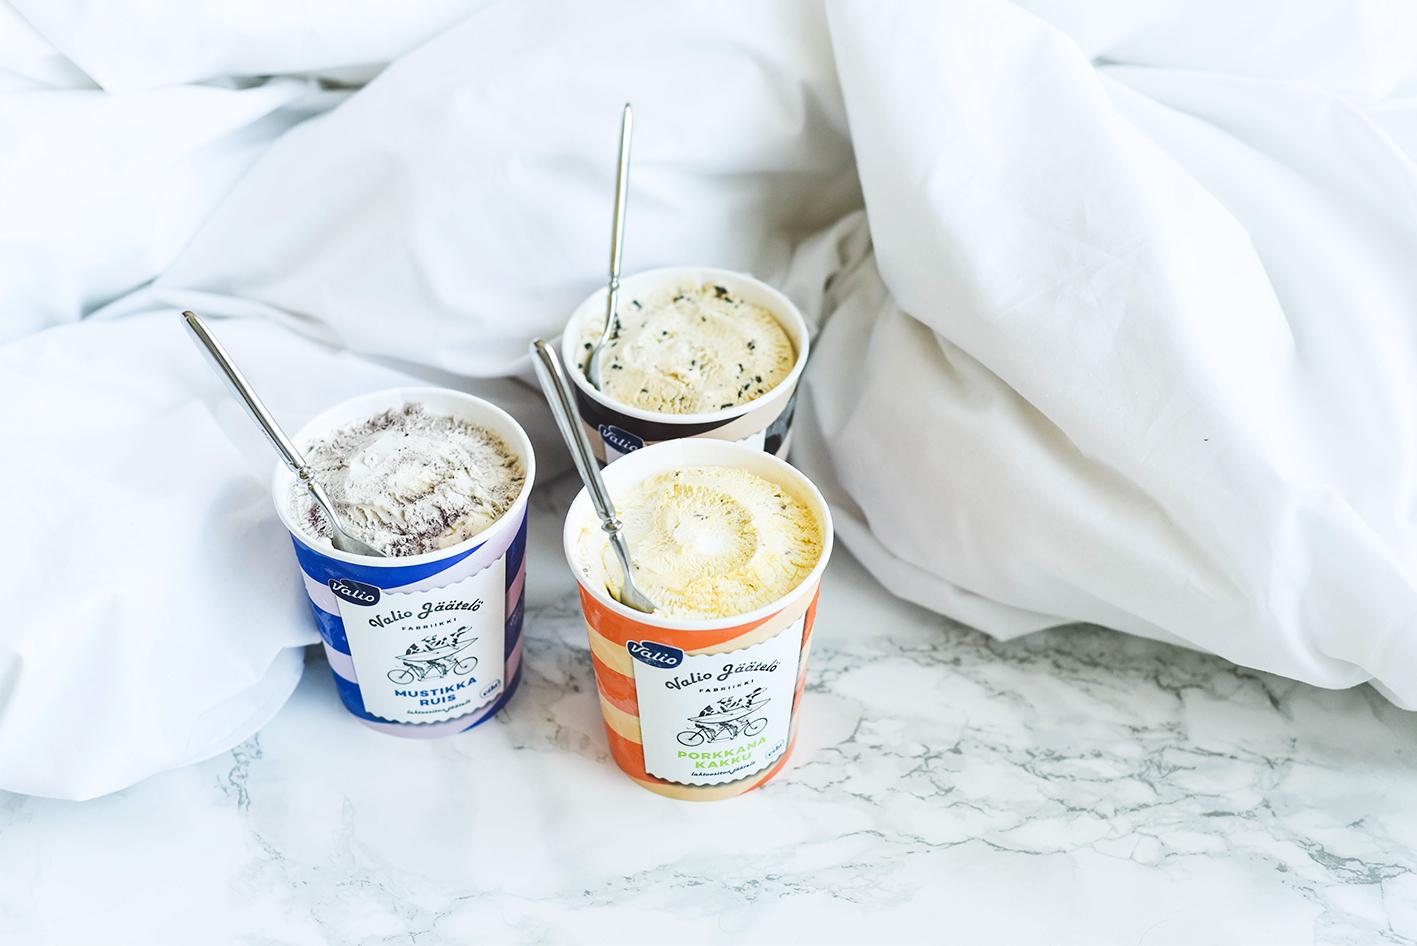 valio-jäätelöfabriikki-jäätelö-icecream-testissä-sundayblondie-4.jpg